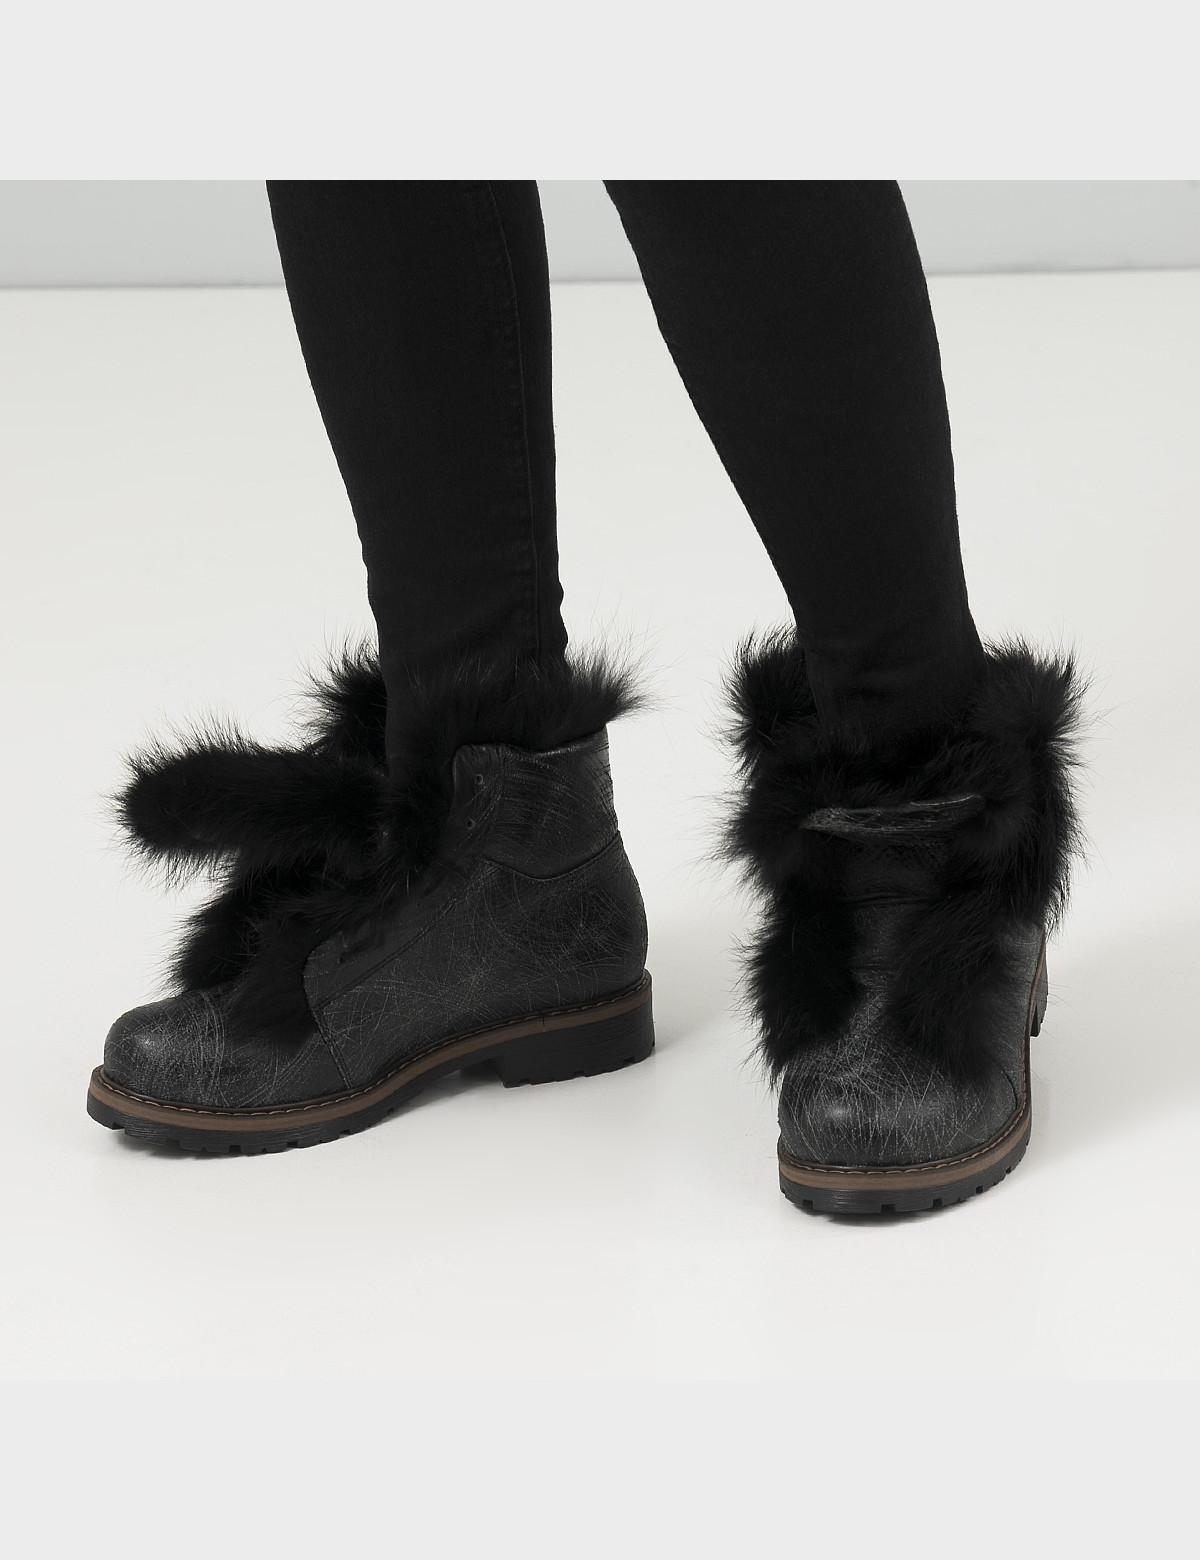 Ботинки черные, натуральная кожа. Мех5